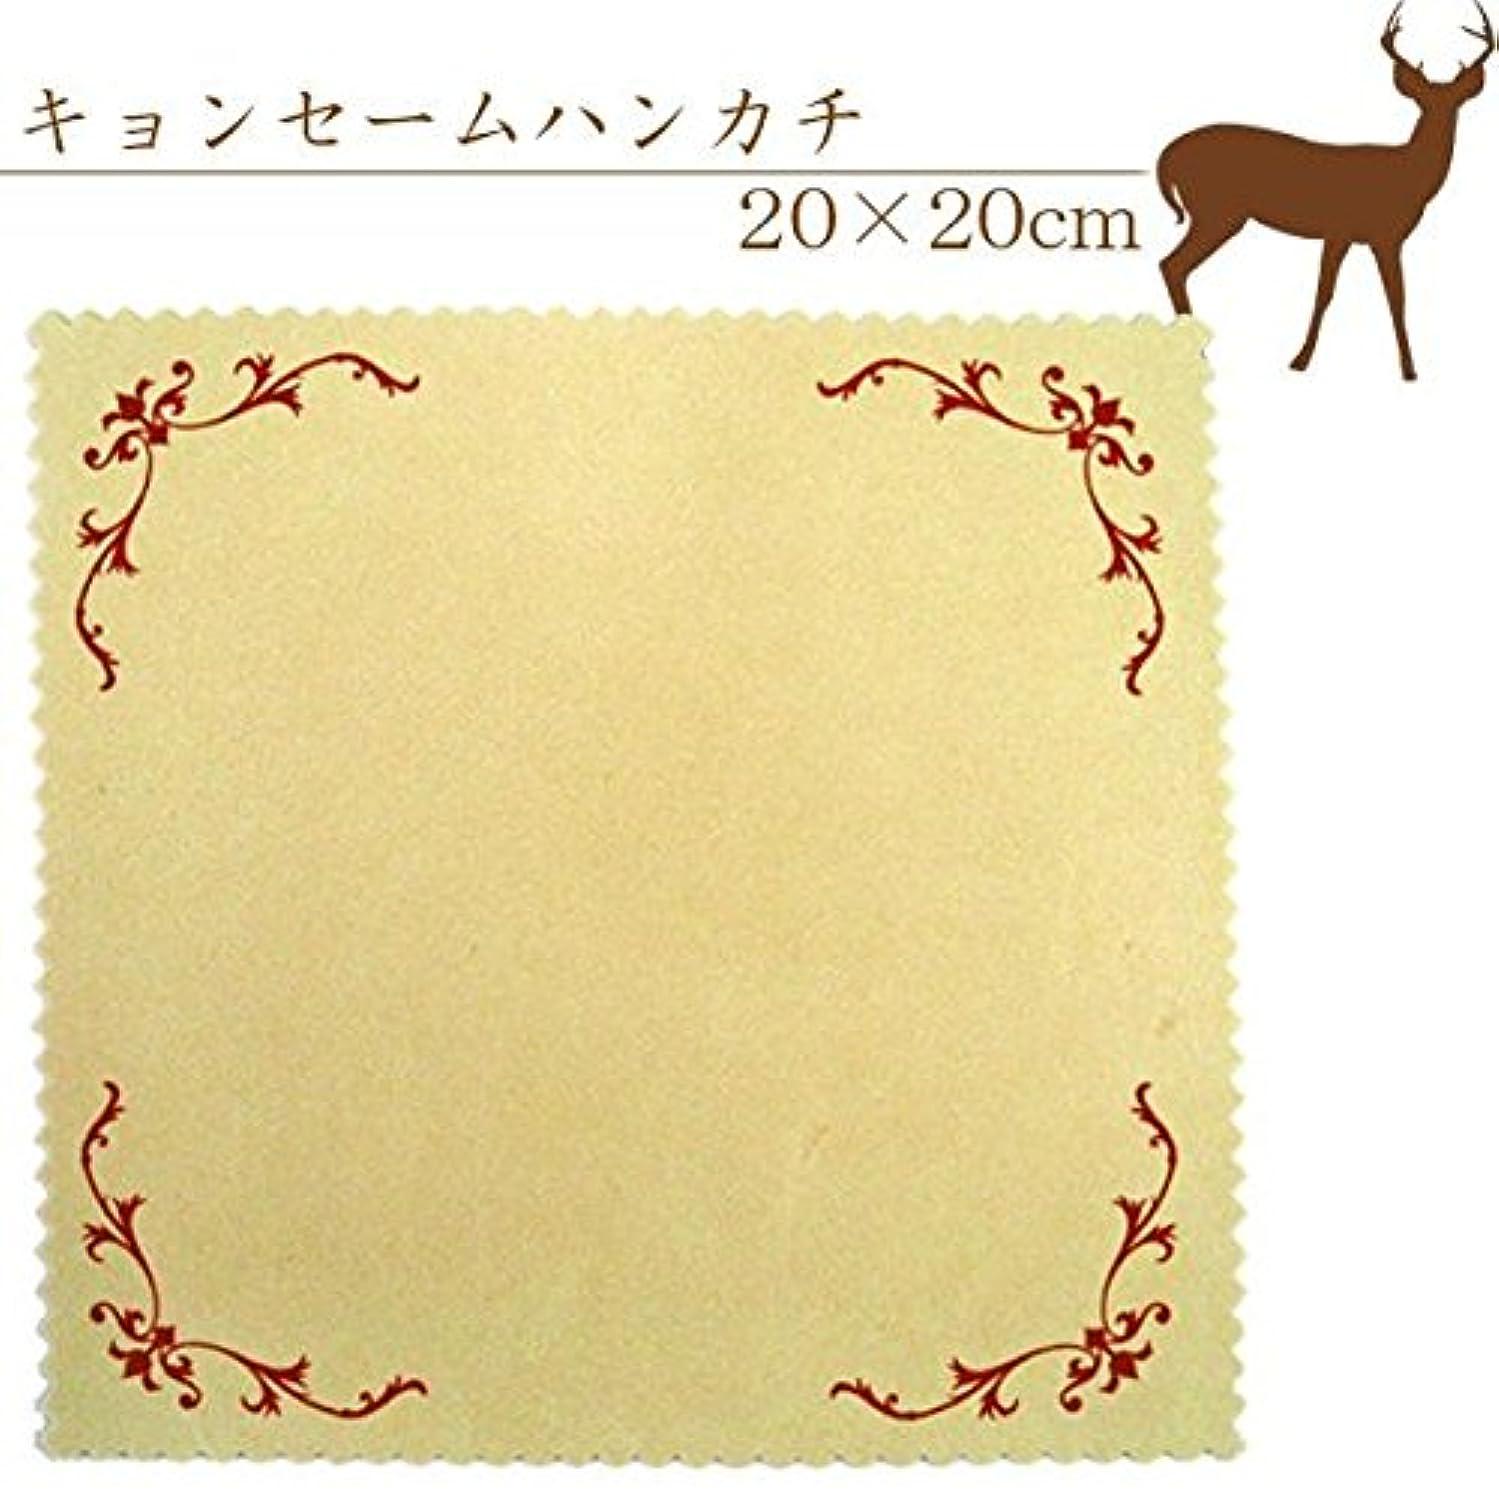 名義で評論家ショッキング春日 ハンカチ ブラウン サイズ/20×20cm